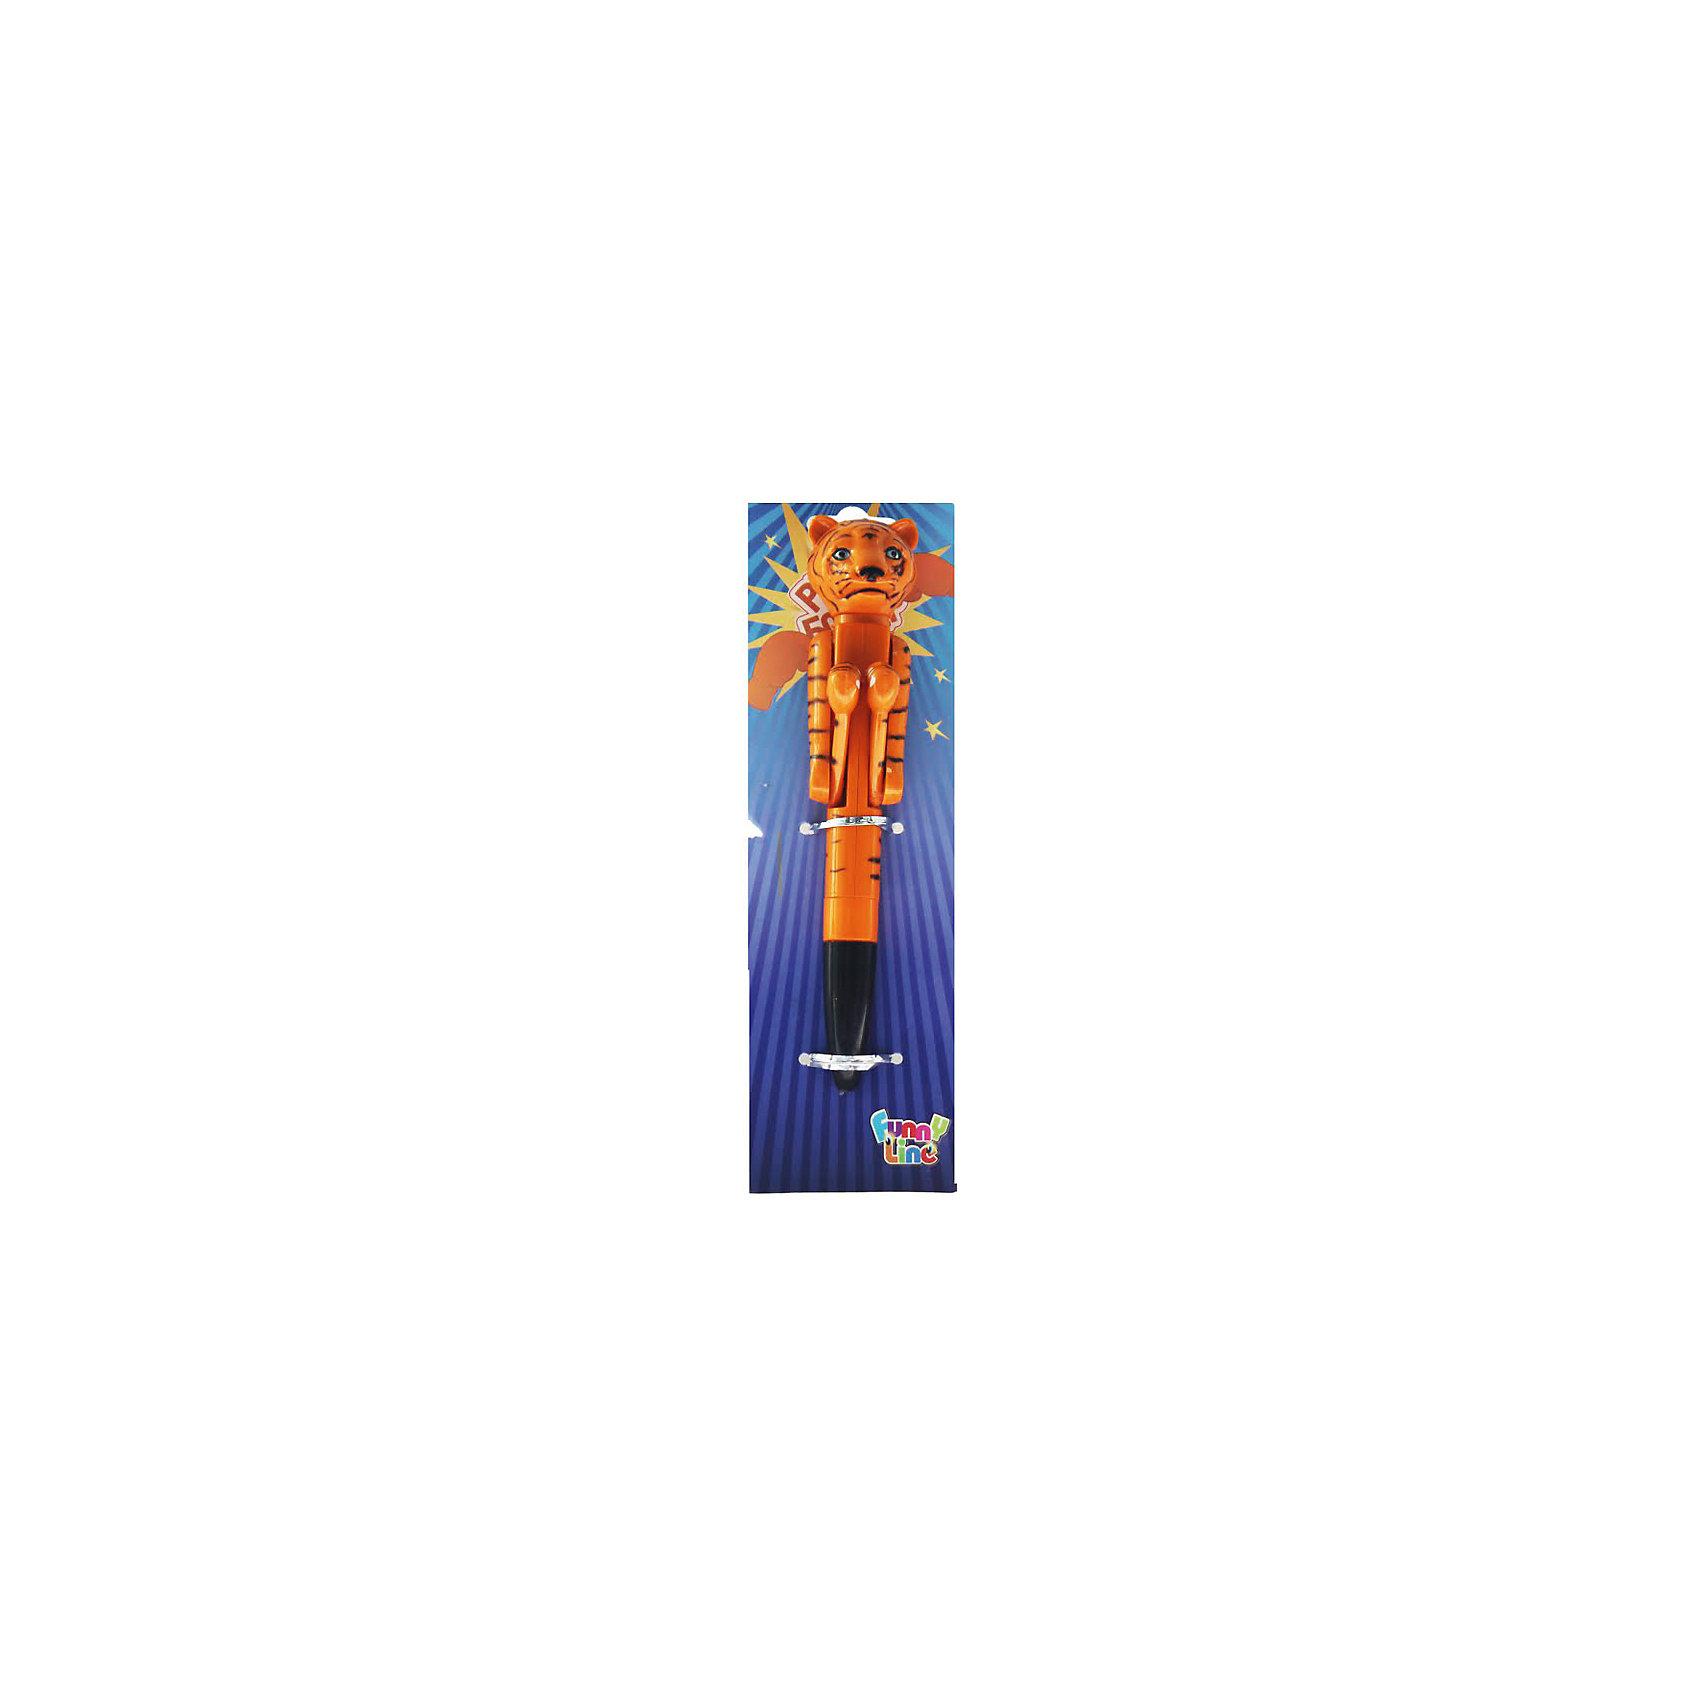 Ручка Боксер ТигрПисьменные принадлежности<br>Ручка Боксер Тигр<br><br>Характеристики:<br><br>- в набор входит: 1 ручка<br>- состав: пластик <br>- для детей в возрасте: от 6 до 9 лет<br>- страна производитель: Китай<br><br>Невероятная ручка-боксер от компании Склад Уникальных Товаров станит отличным подарком для школьников! Яркий цвет и интересный дизайн понравится ребенку, а две кнопочки на обороте активируют боксерские перчатки и боксер готов ринуться в бой! Ручка поможет скрасить время на перемене и отлично провести время с друзьями, устраивая боксерские поединки. Внутри ручки находится шариковый стержень с чернилами темно-синего цвета. Стержень закрывается колпачком под цвет самой ручке. Ручка поможет развить ловкость, реакцию, моторику и воображение. <br><br>Ручку Боксер Тигр можно купить в нашем интернет-магазине.<br><br>Ширина мм: 30<br>Глубина мм: 30<br>Высота мм: 170<br>Вес г: 100<br>Возраст от месяцев: 72<br>Возраст до месяцев: 108<br>Пол: Унисекс<br>Возраст: Детский<br>SKU: 5124795